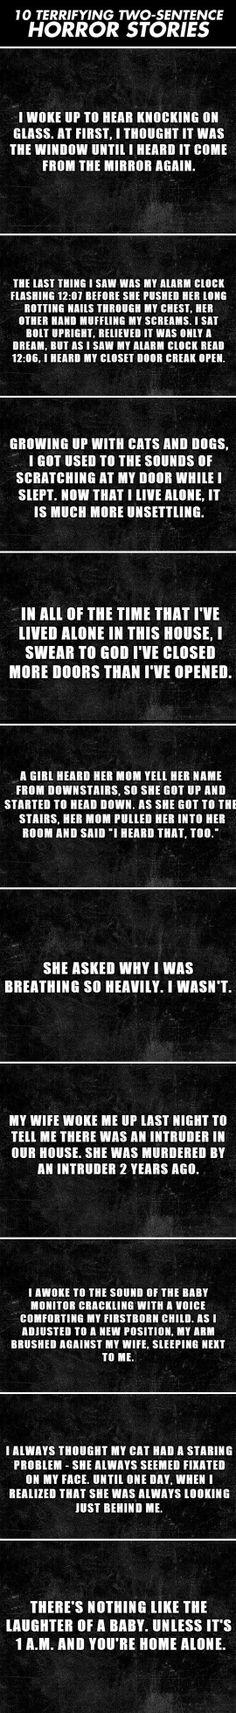 Terrifying two sentence horror stories…